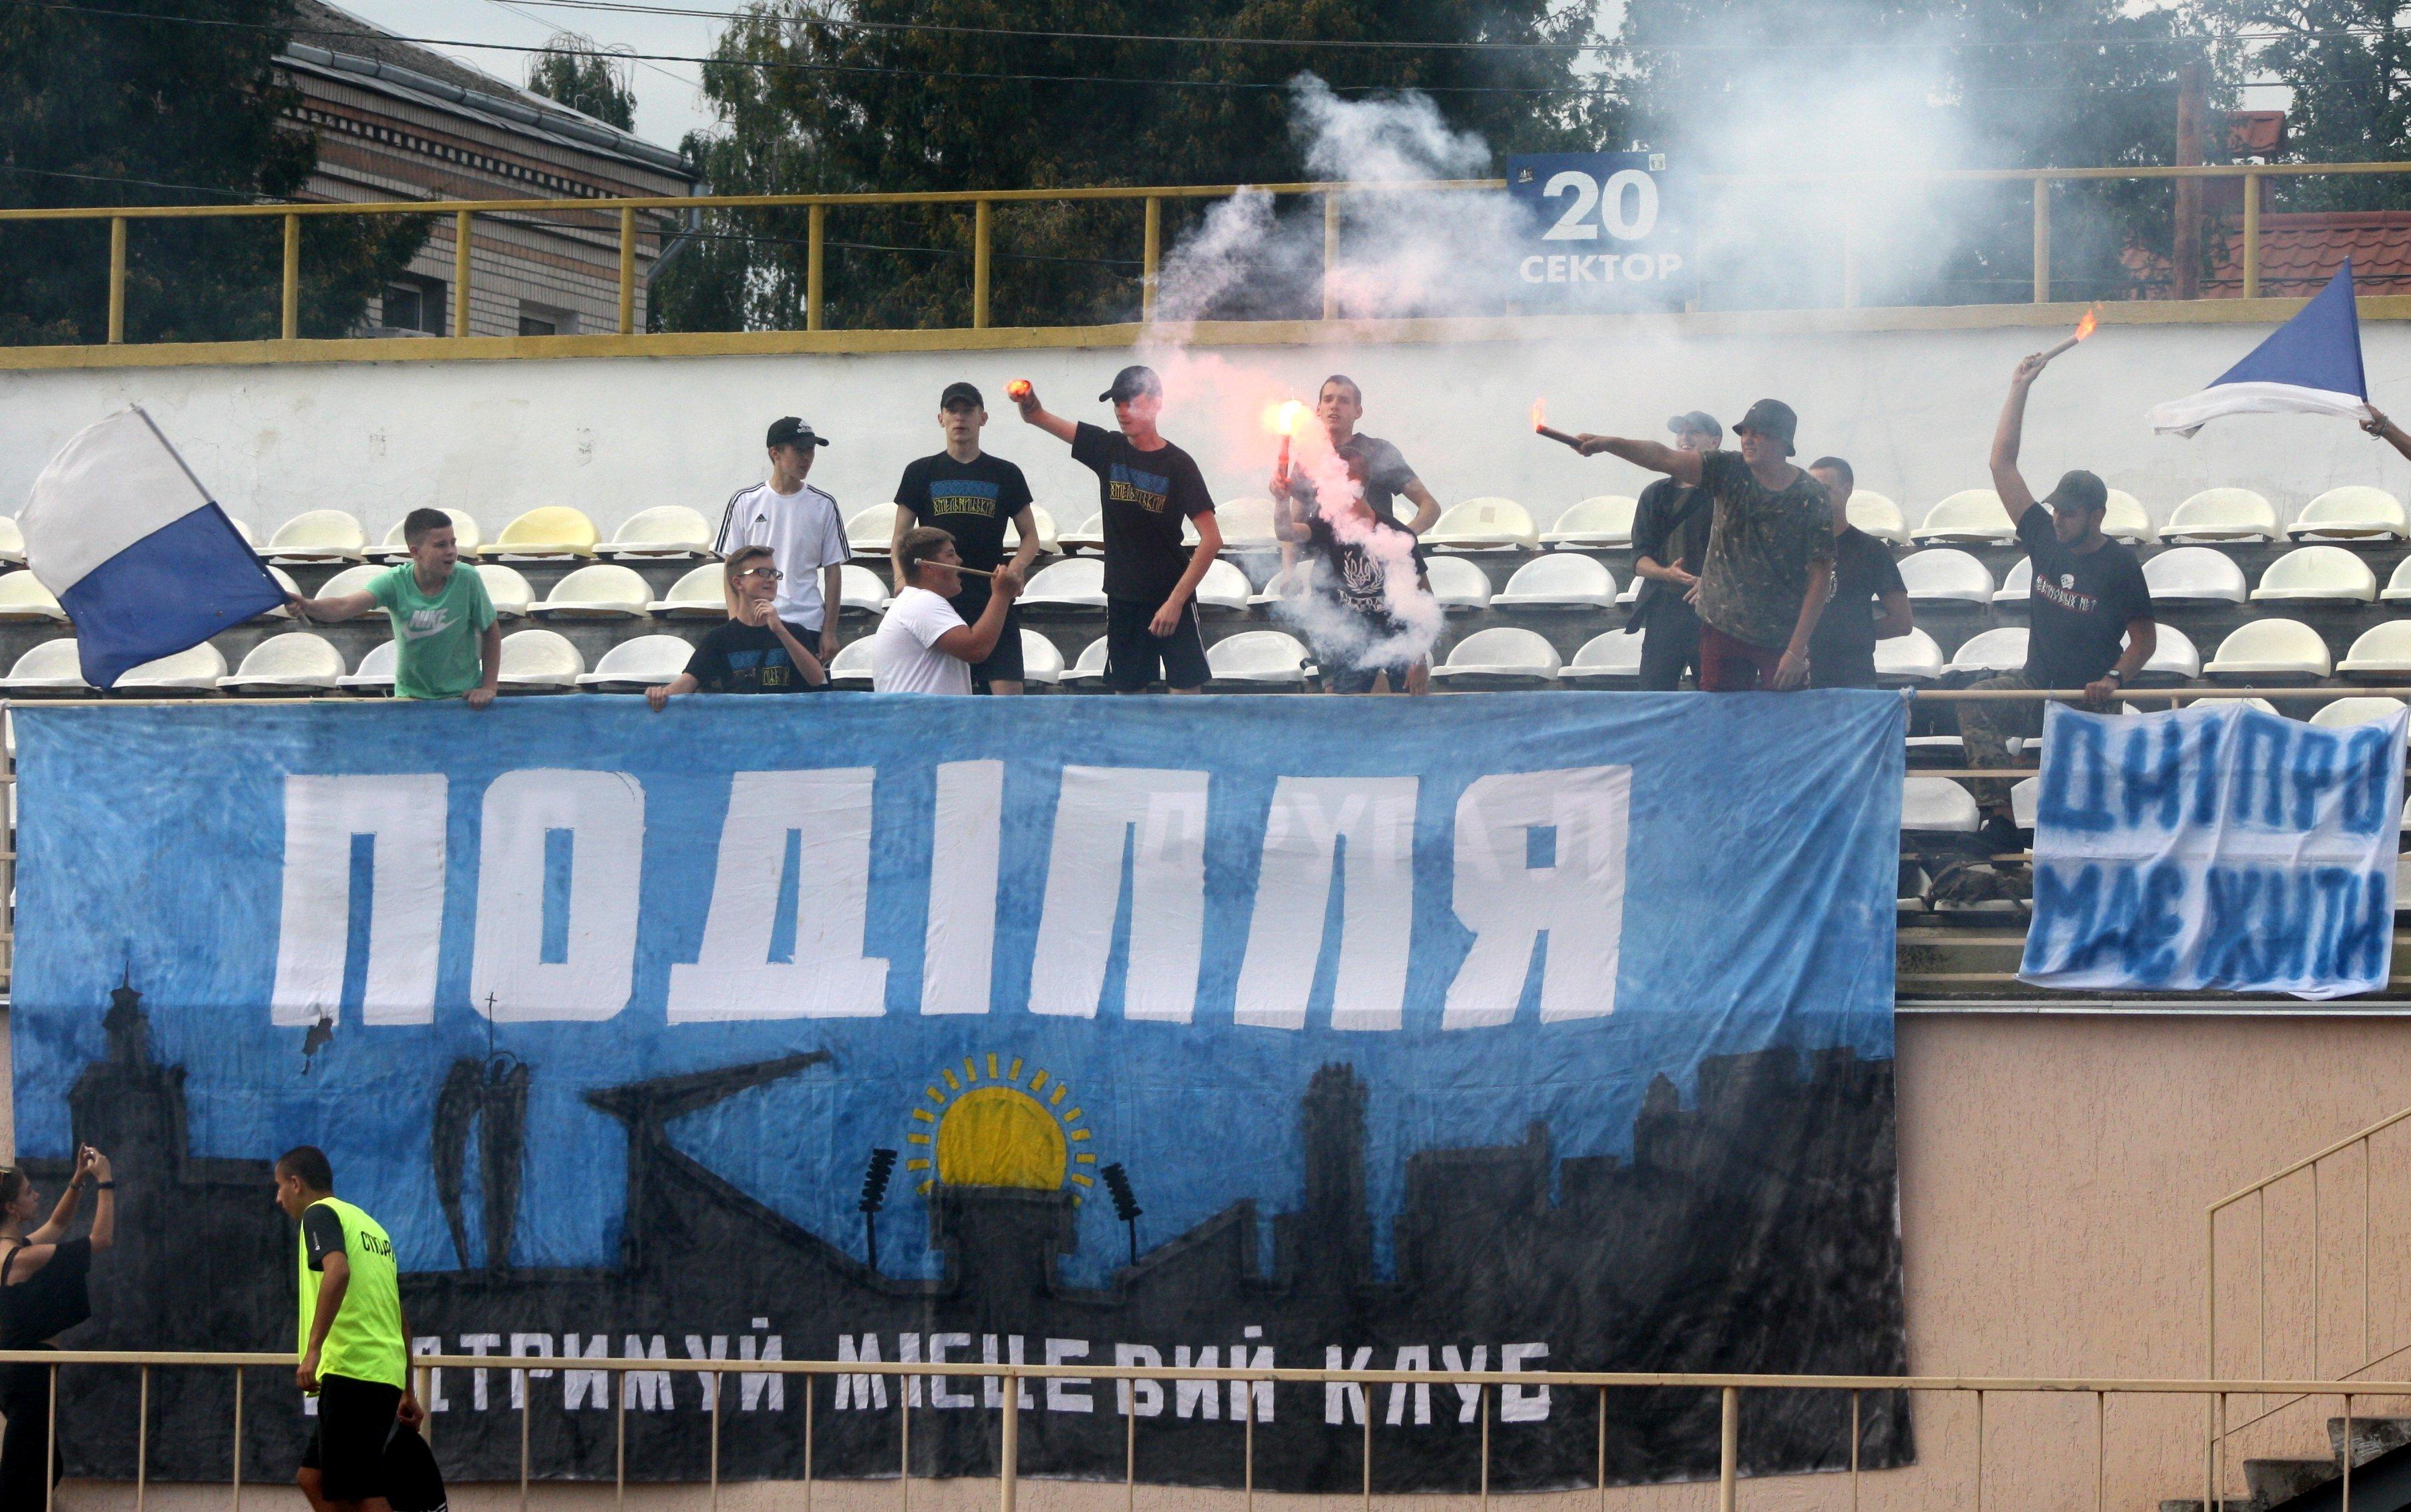 Где и как ходят на футбол: вишенка на киевском торте и рух по-львовски - изображение 4